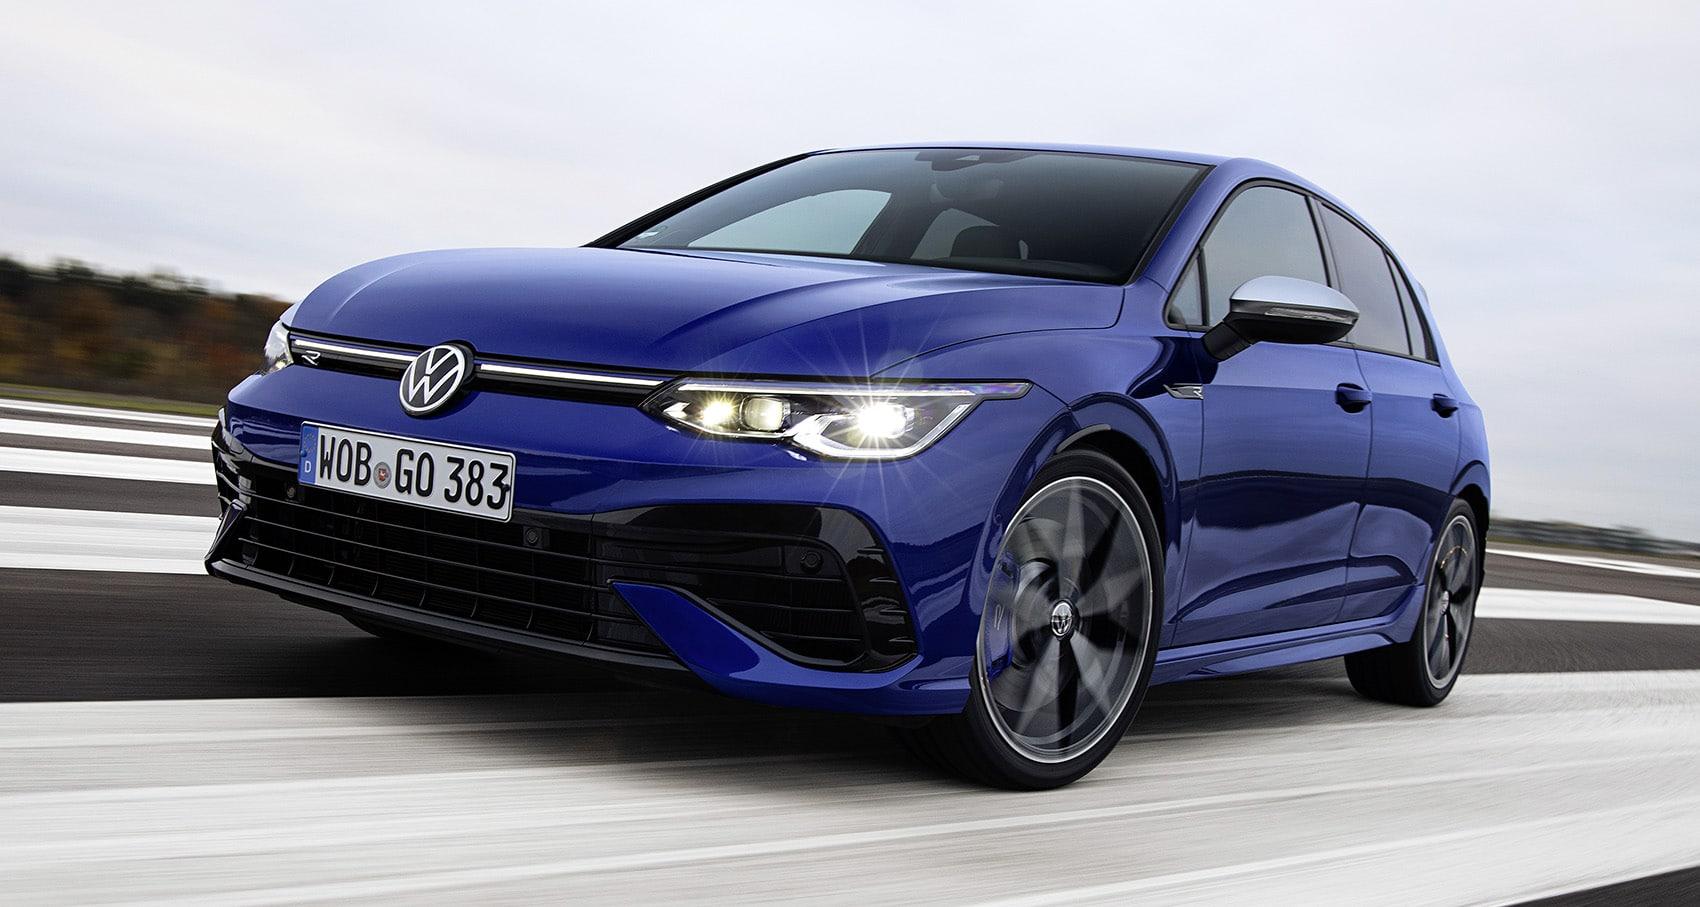 El Volkswagen Golf es uno de los coches que más se demandan y que más interesa tasar, entre otros